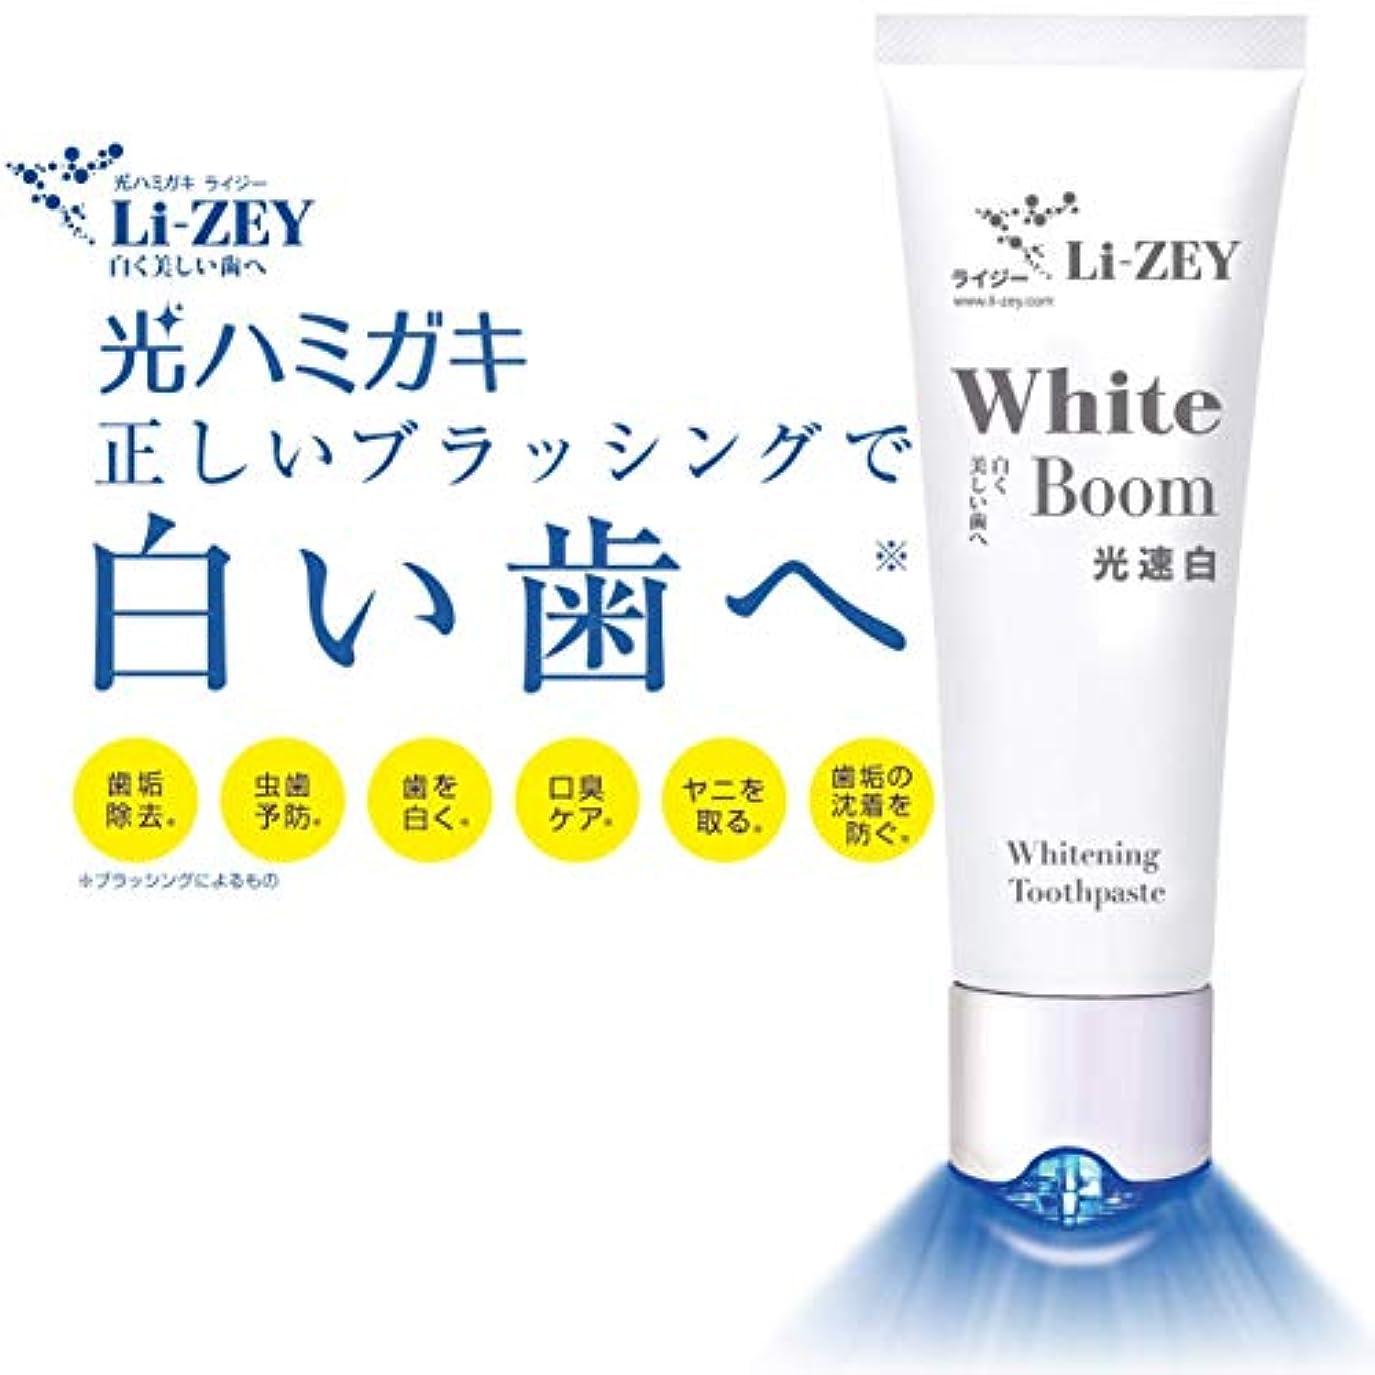 【光ハミガキ】ライジーLi-ZEY 光速白トゥースペースト 白い歯 【ホワイトニング】口臭?虫歯予防